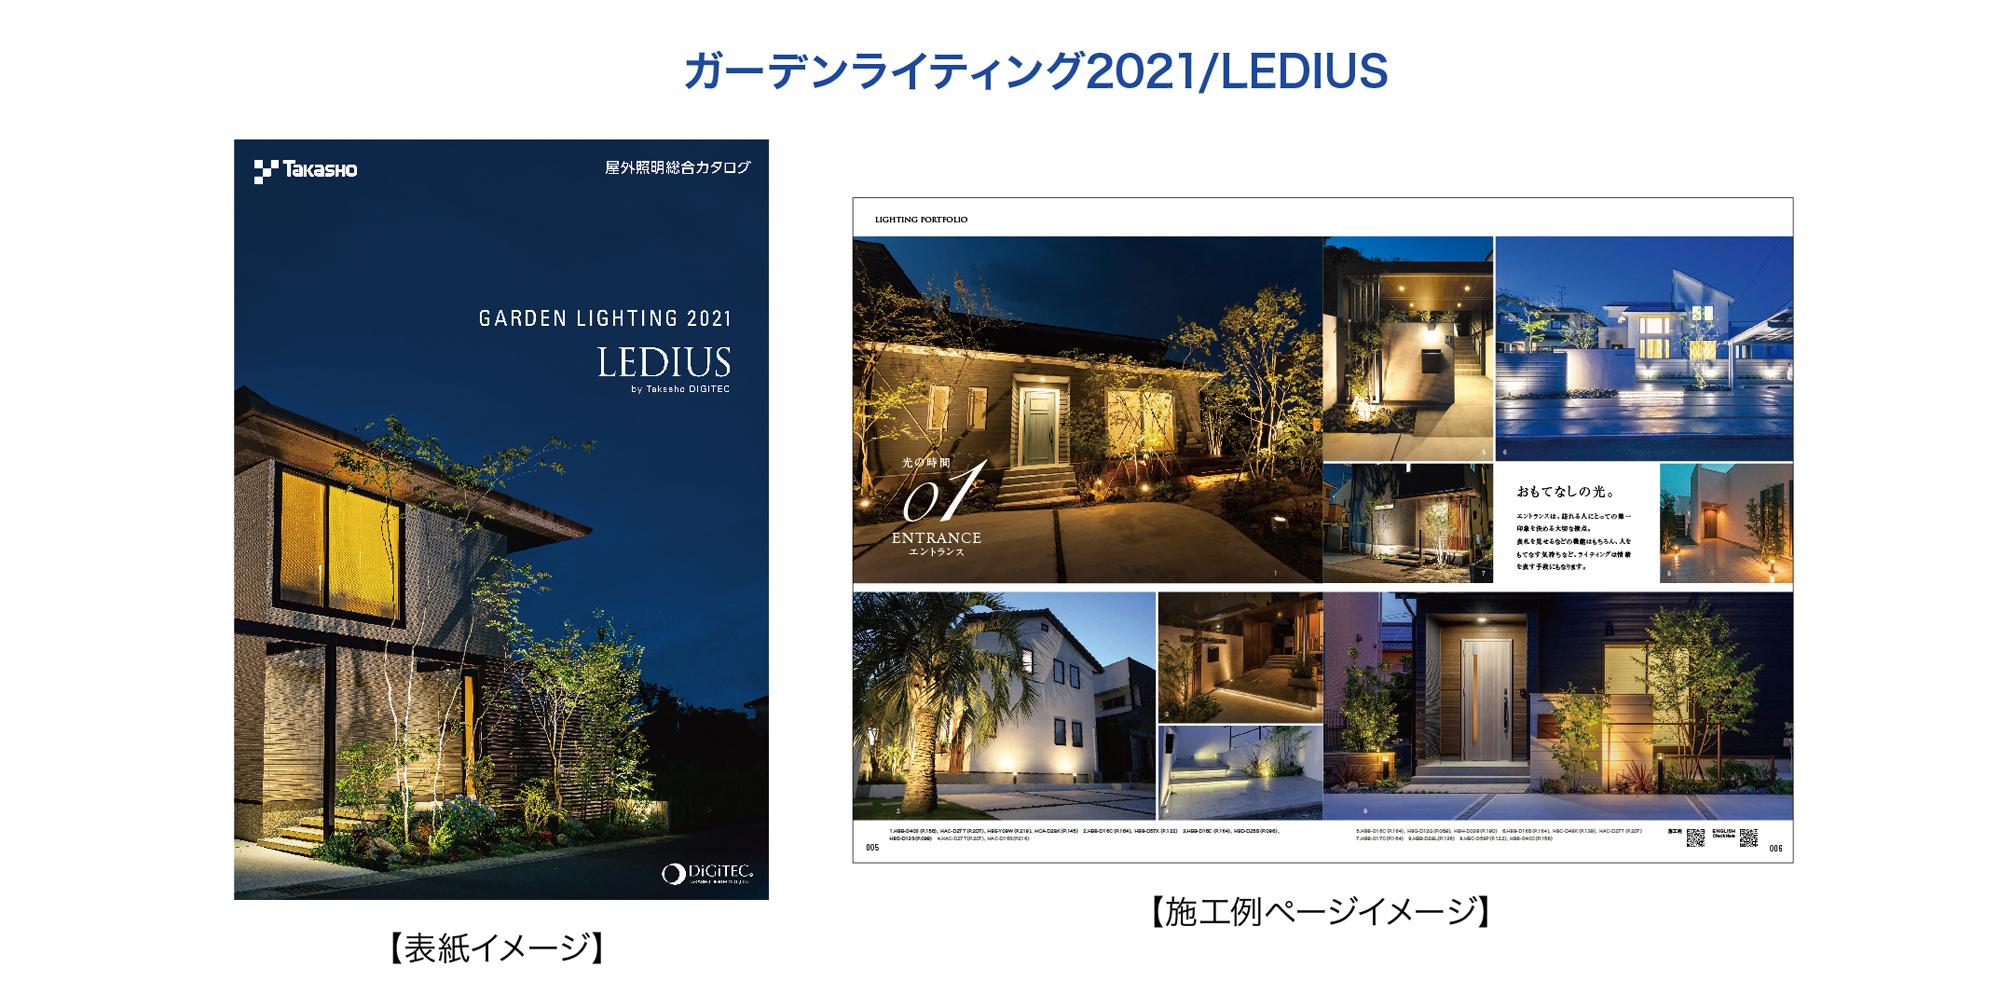 『ガーデンライティング / LEDIUS』2021年度版の表紙イメージと施工例ページのイメージ